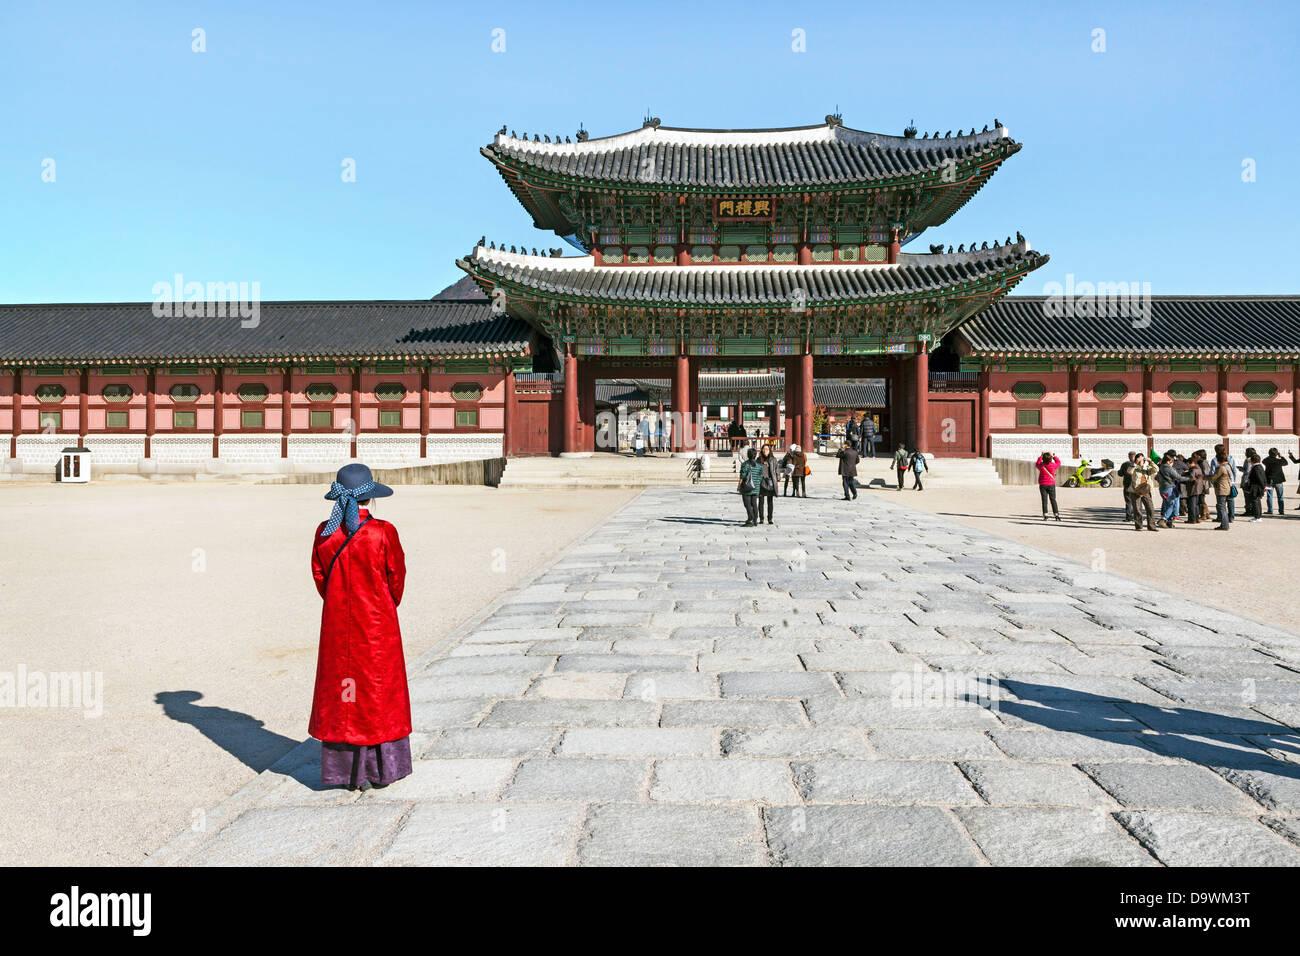 Gyeongbokgung Palace, palais de bonheur parfait, Séoul, Corée du Sud, Asie Photo Stock